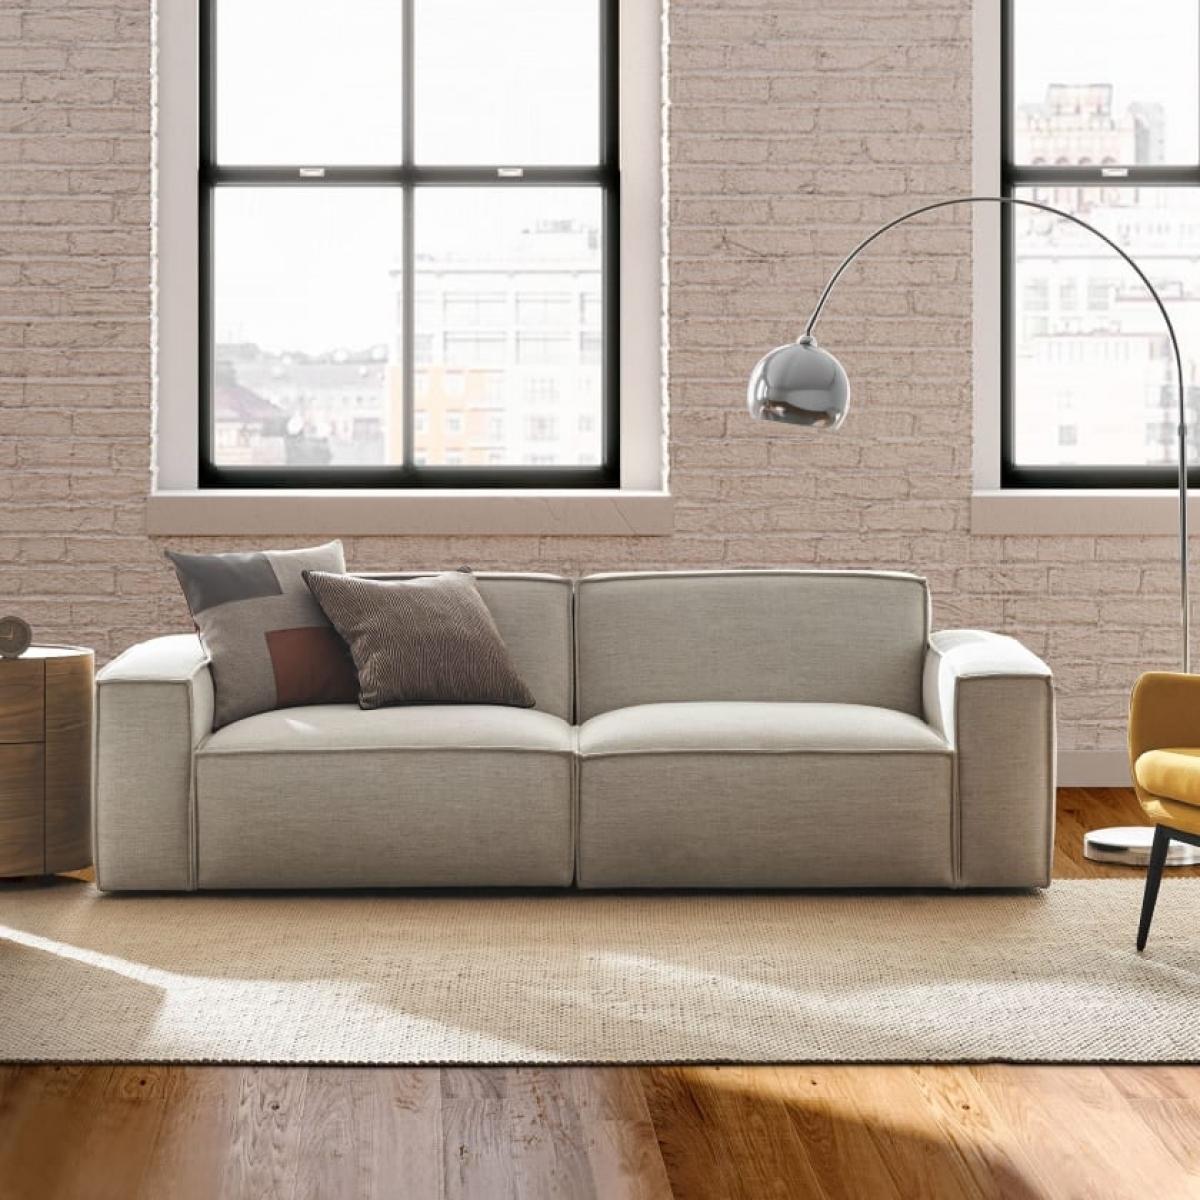 Loại sofa 2 khoang có thể tách đôi này cũng có tính cơ động cao cho những không gian hẹp./.